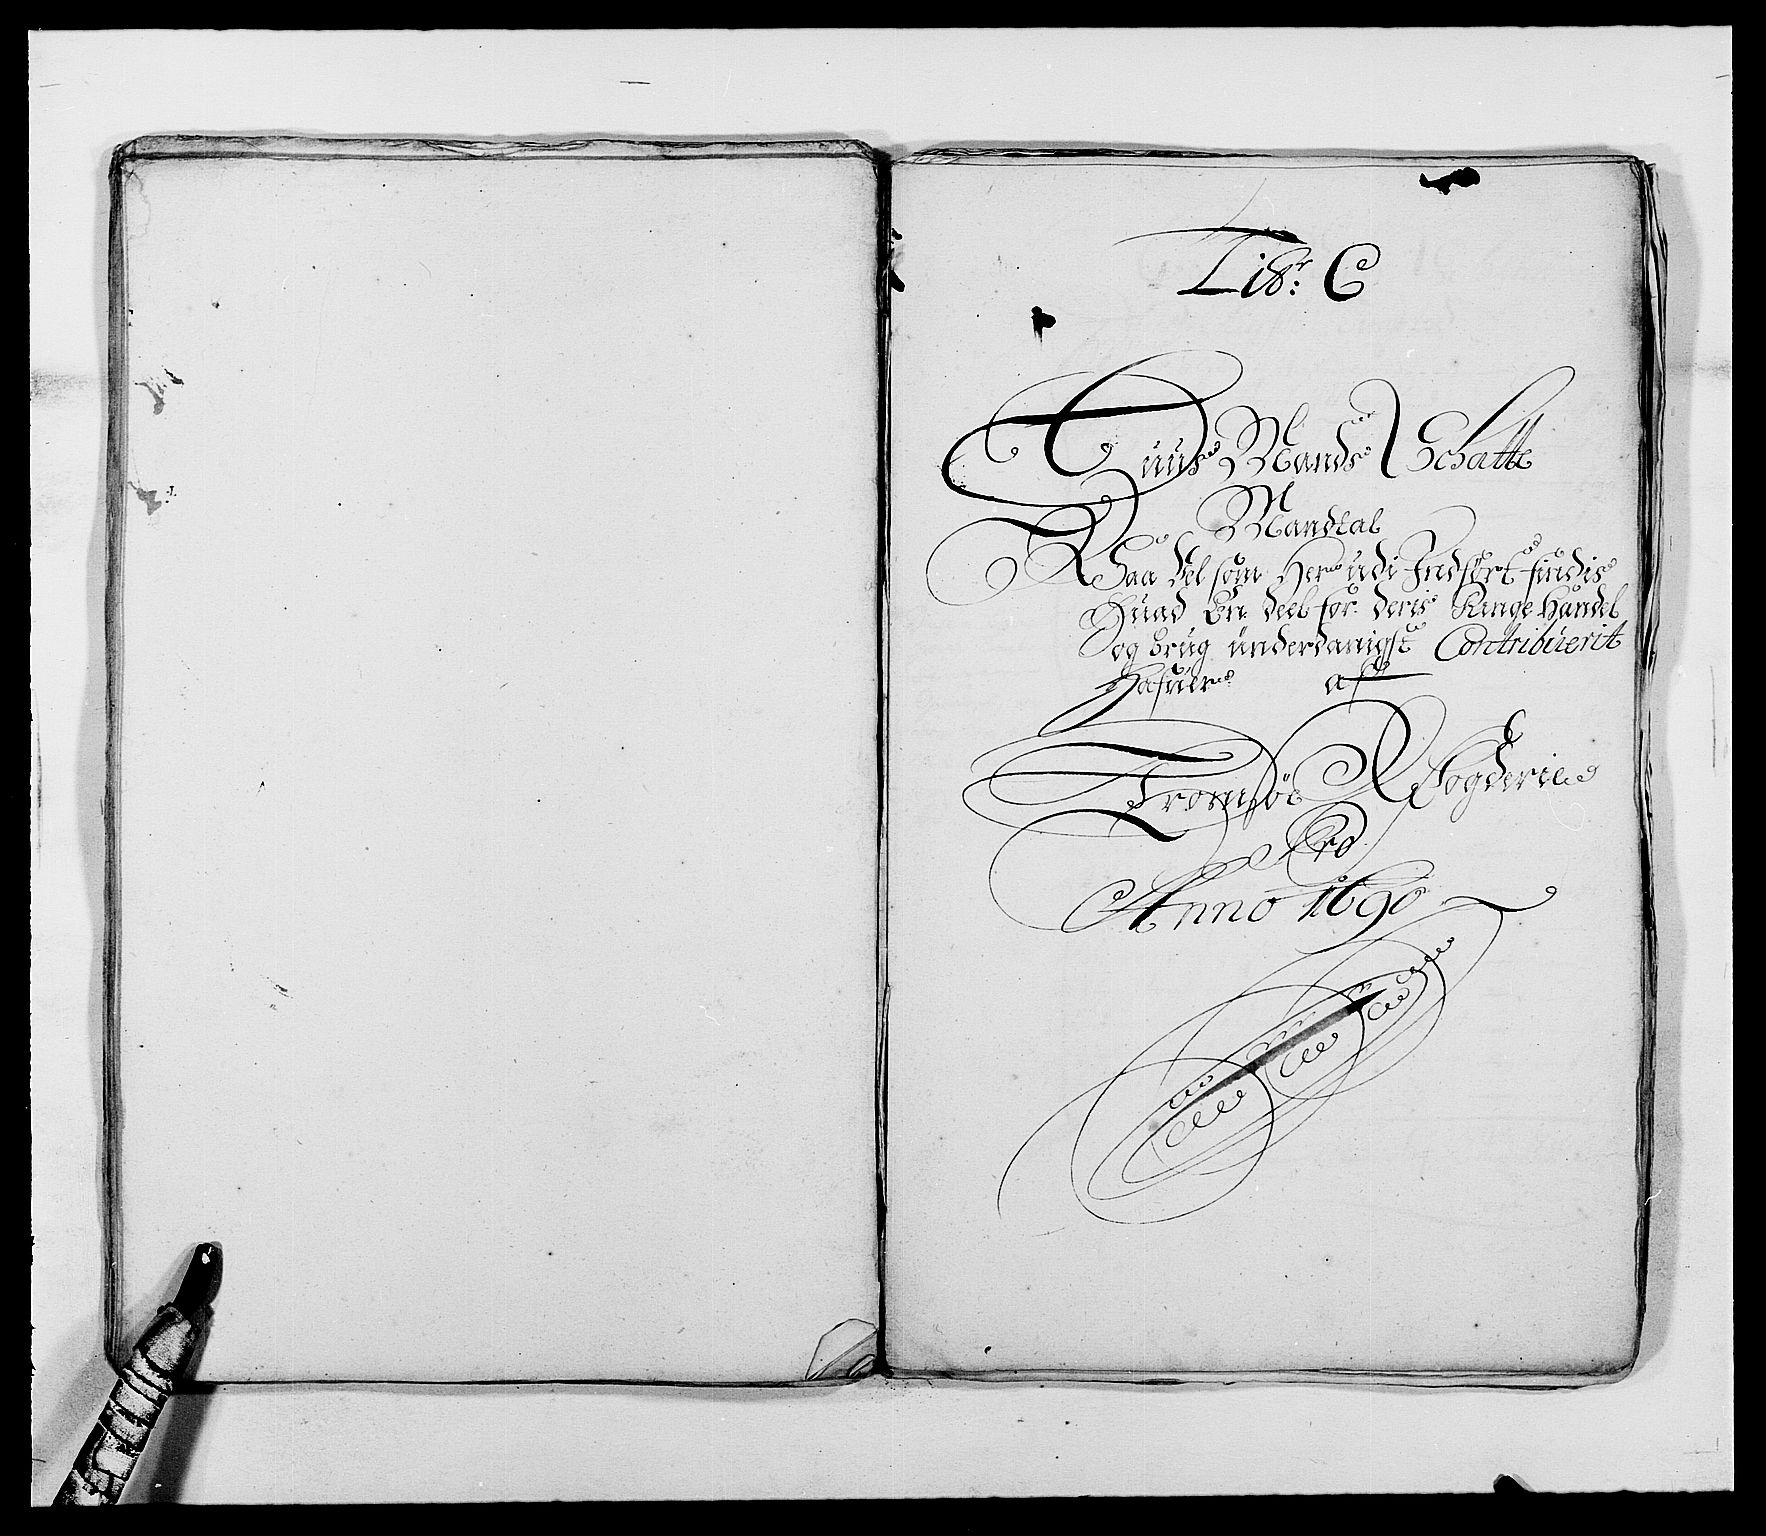 RA, Rentekammeret inntil 1814, Reviderte regnskaper, Fogderegnskap, R68/L4751: Fogderegnskap Senja og Troms, 1690-1693, s. 38